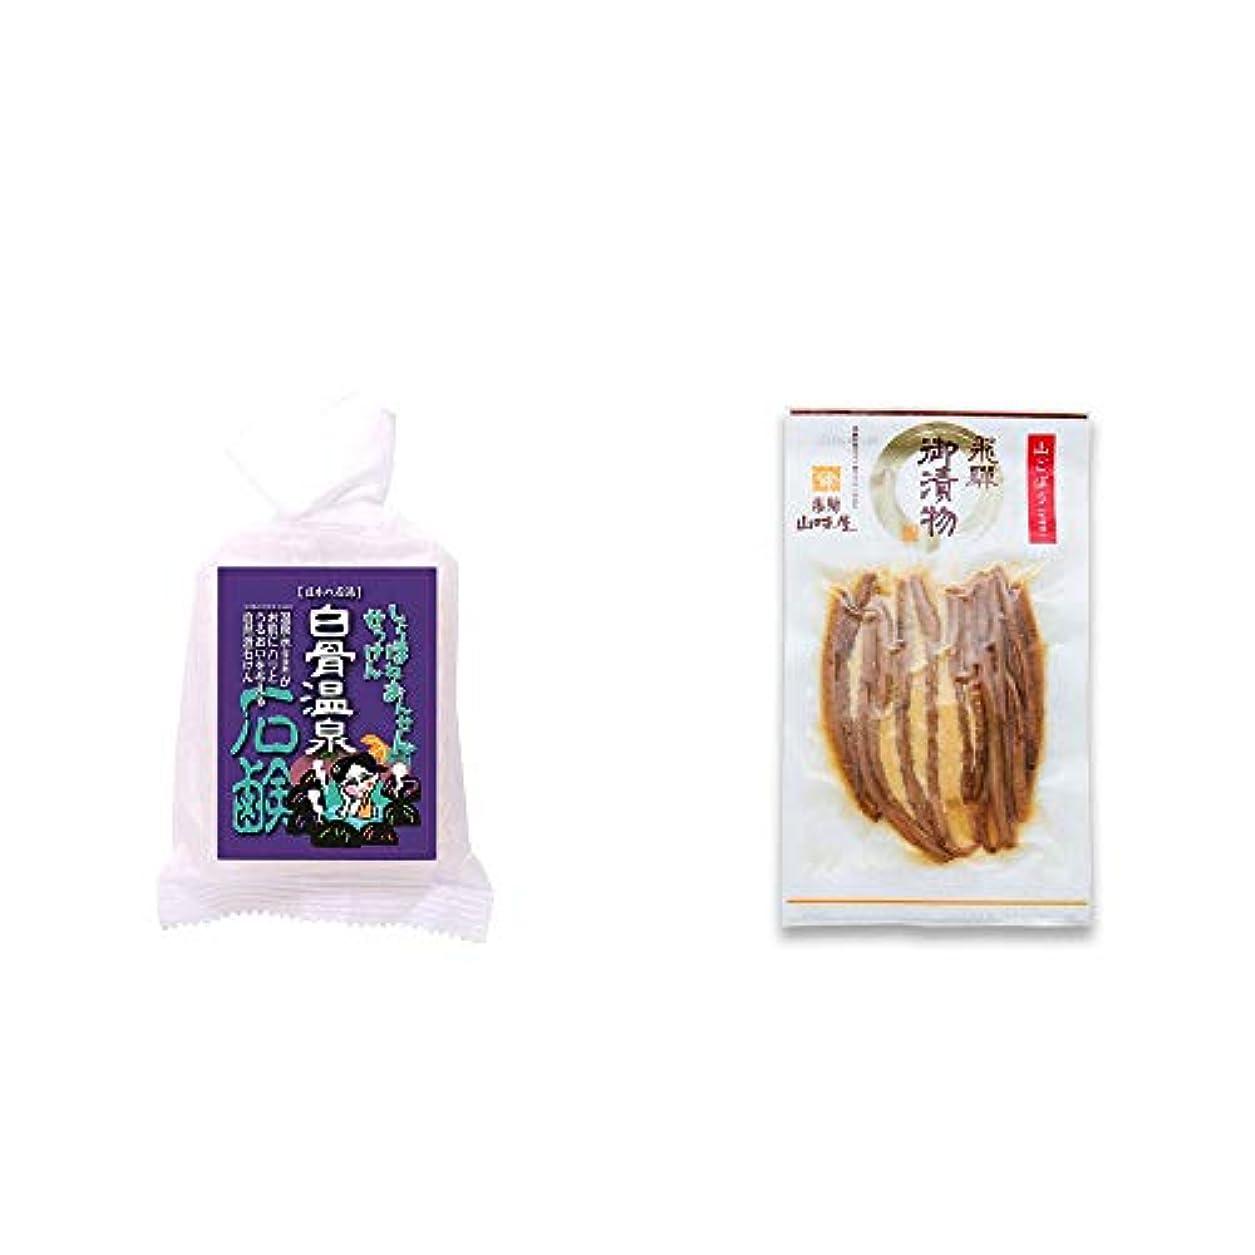 メールを書く一口クラフト[2点セット] 信州 白骨温泉石鹸(80g)?飛騨山味屋 山ごぼう味噌漬(80g)